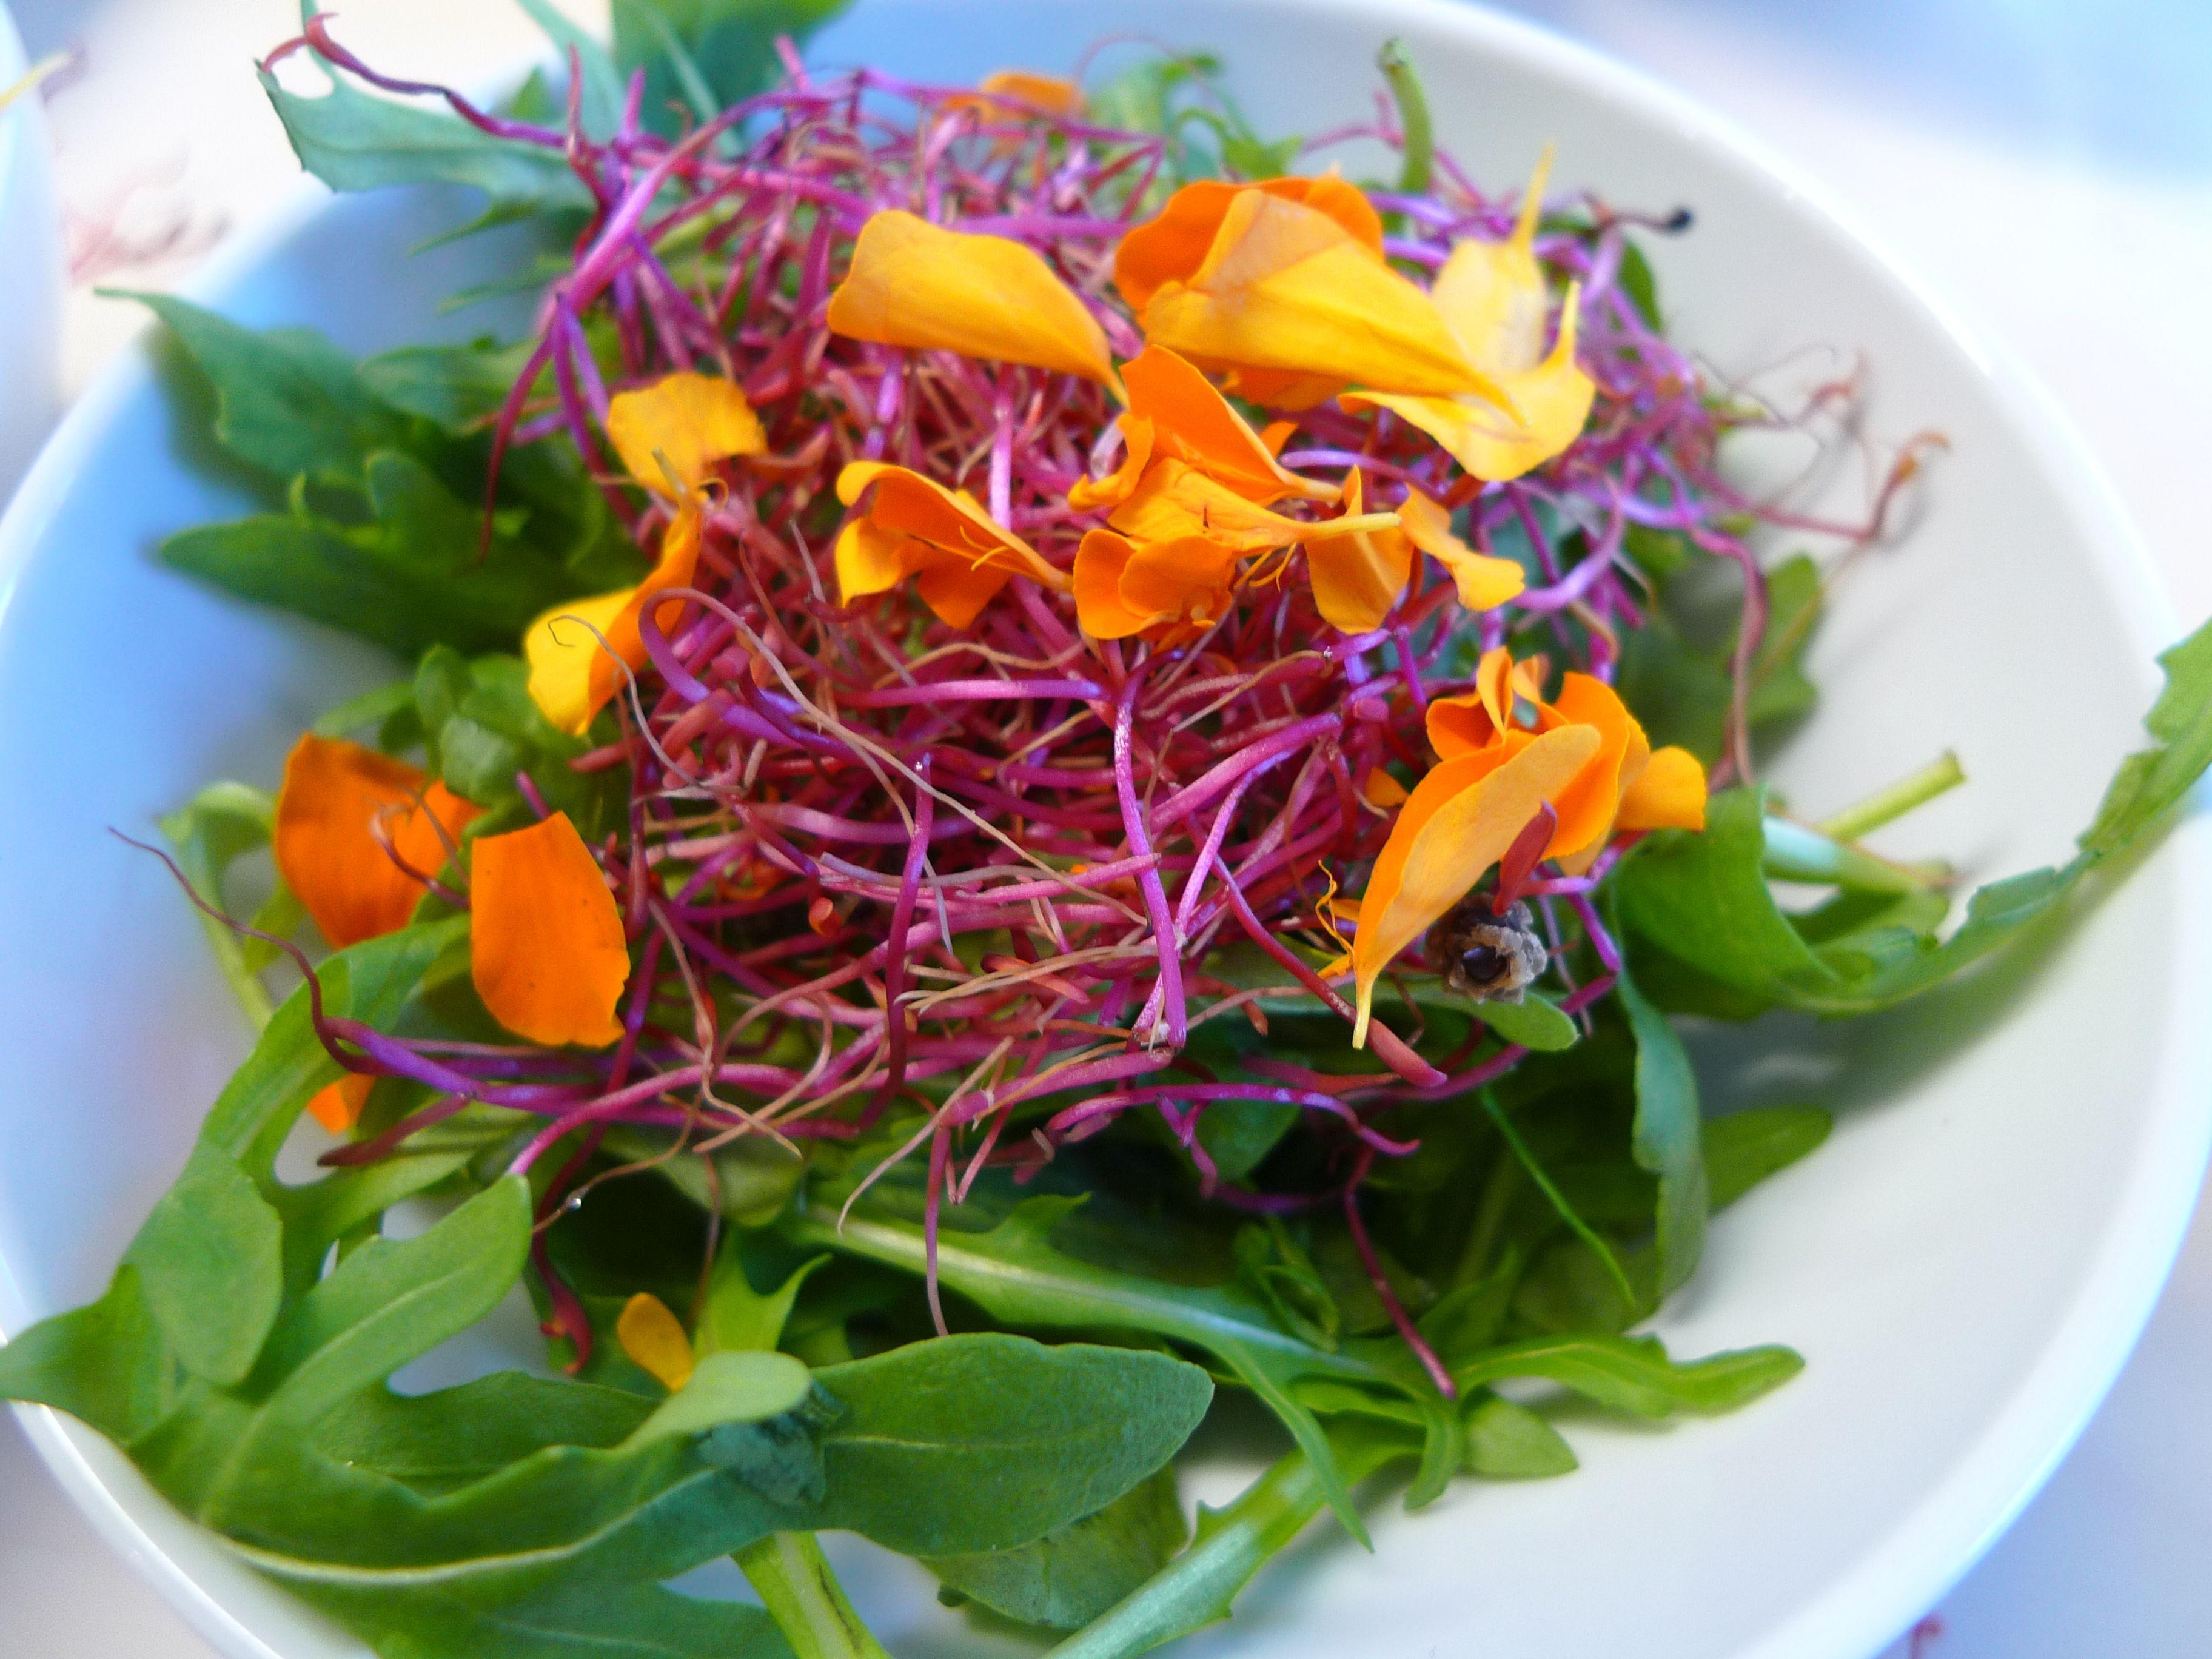 salade met oranje accenten